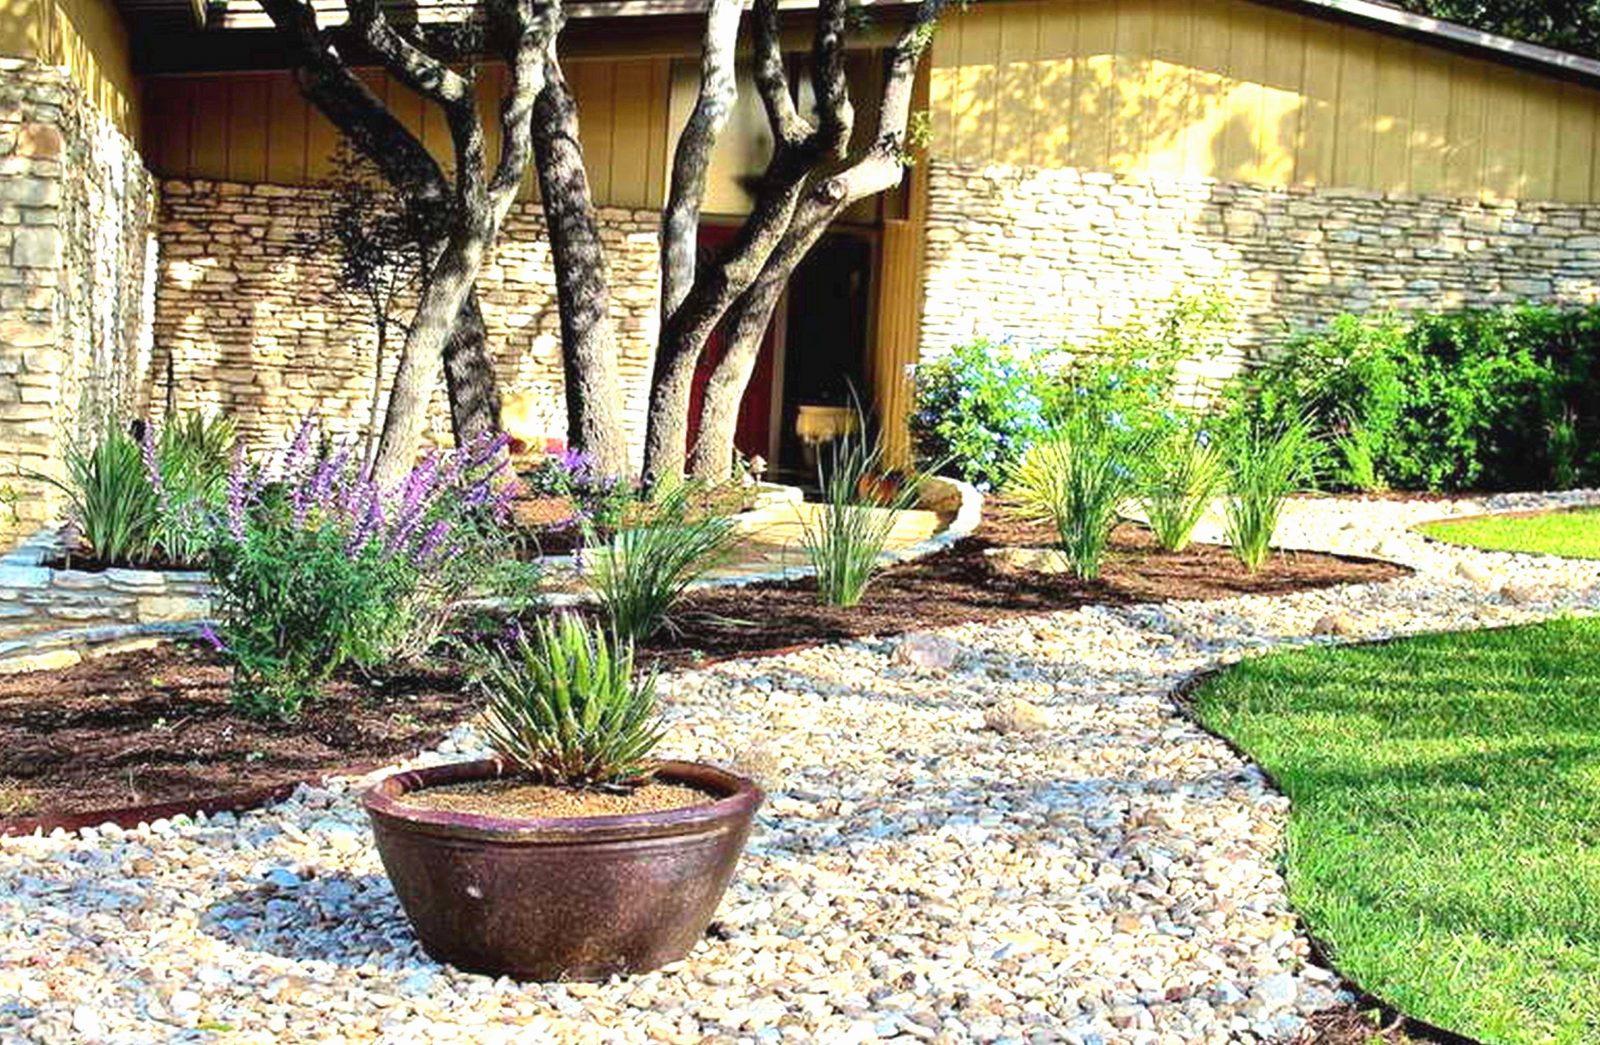 Kieselsteine Garten Bilder Genial Gartengestaltung Mit Kies Und Moos von Garten Mit Kies Bilder Bild